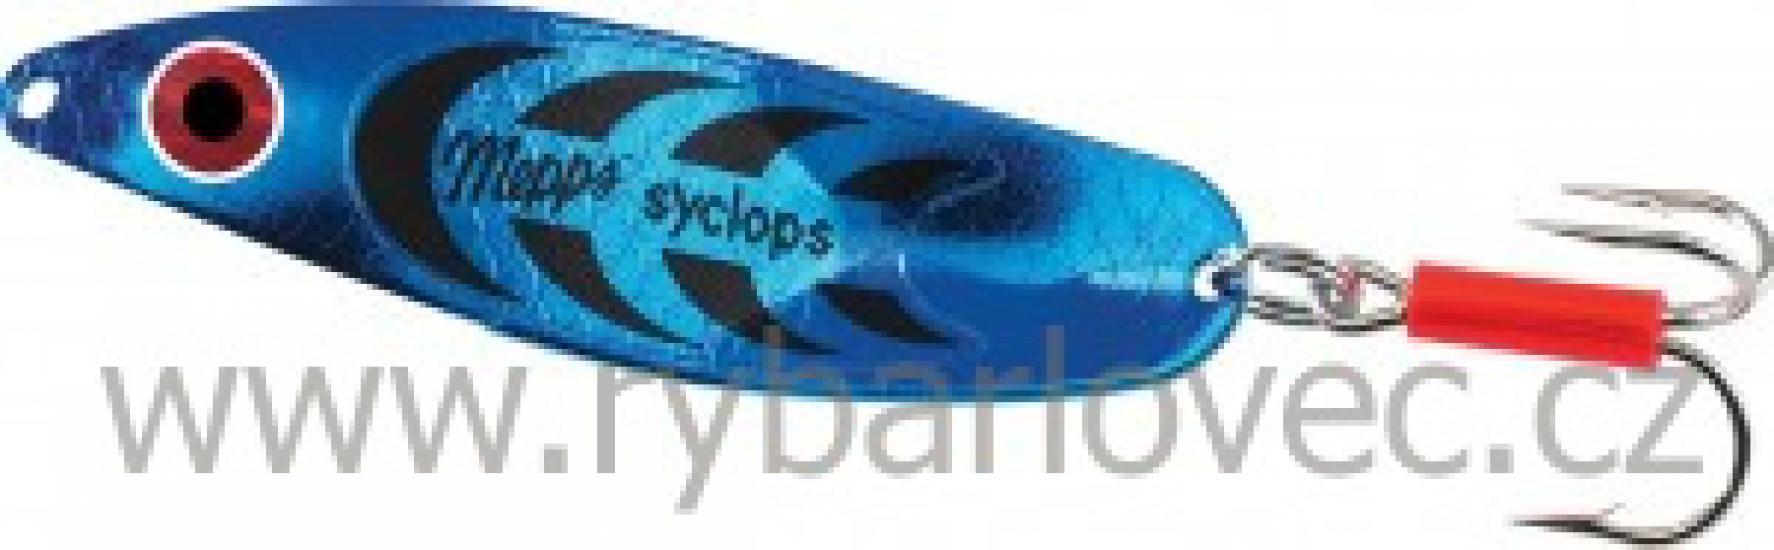 Mepps syclops platium modrá 00/5g